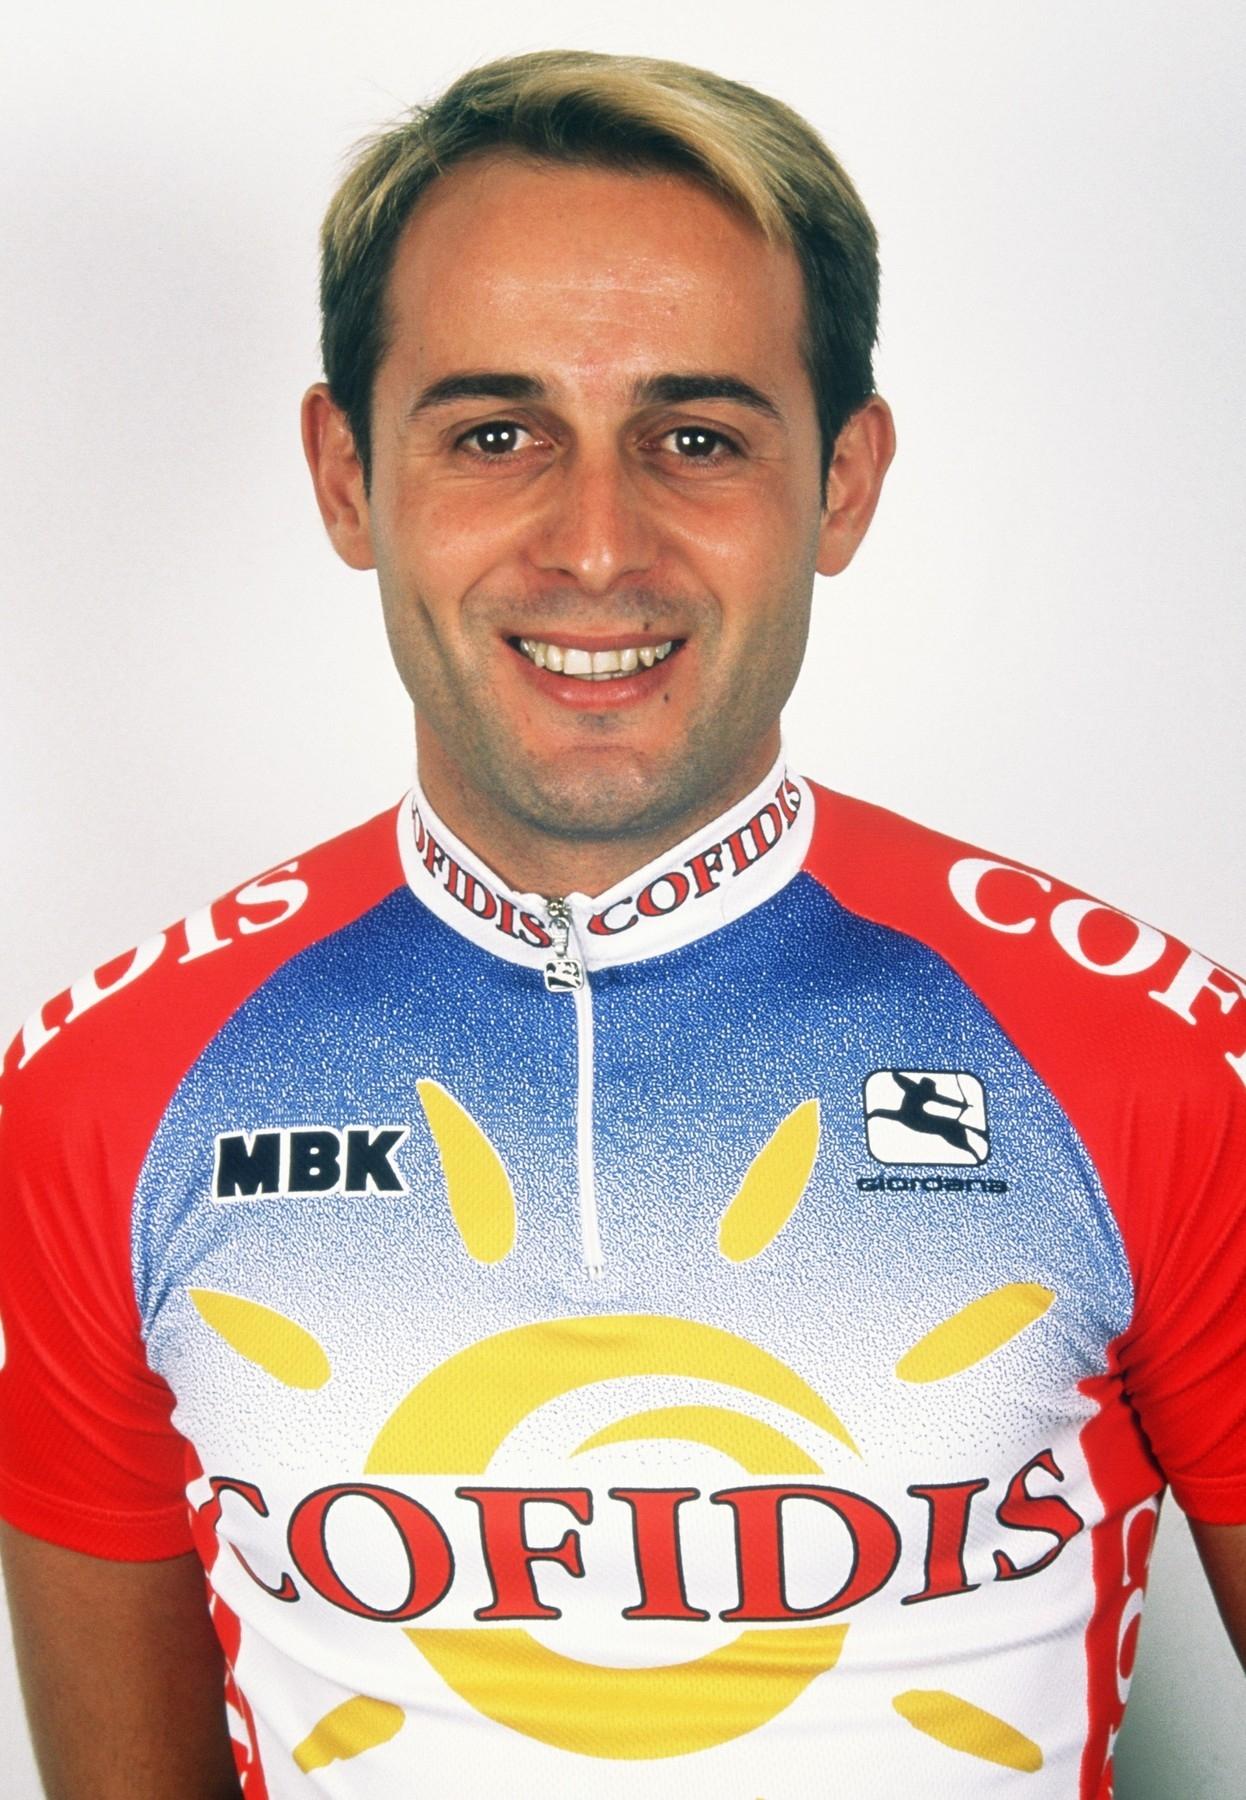 Massimiliano Lelli v době profesionální kariéry při angažmá v Cofidisu. Jezdil ještě za týmy Ariostea, Mercatone Uno a Saeco. Foto: profimedia